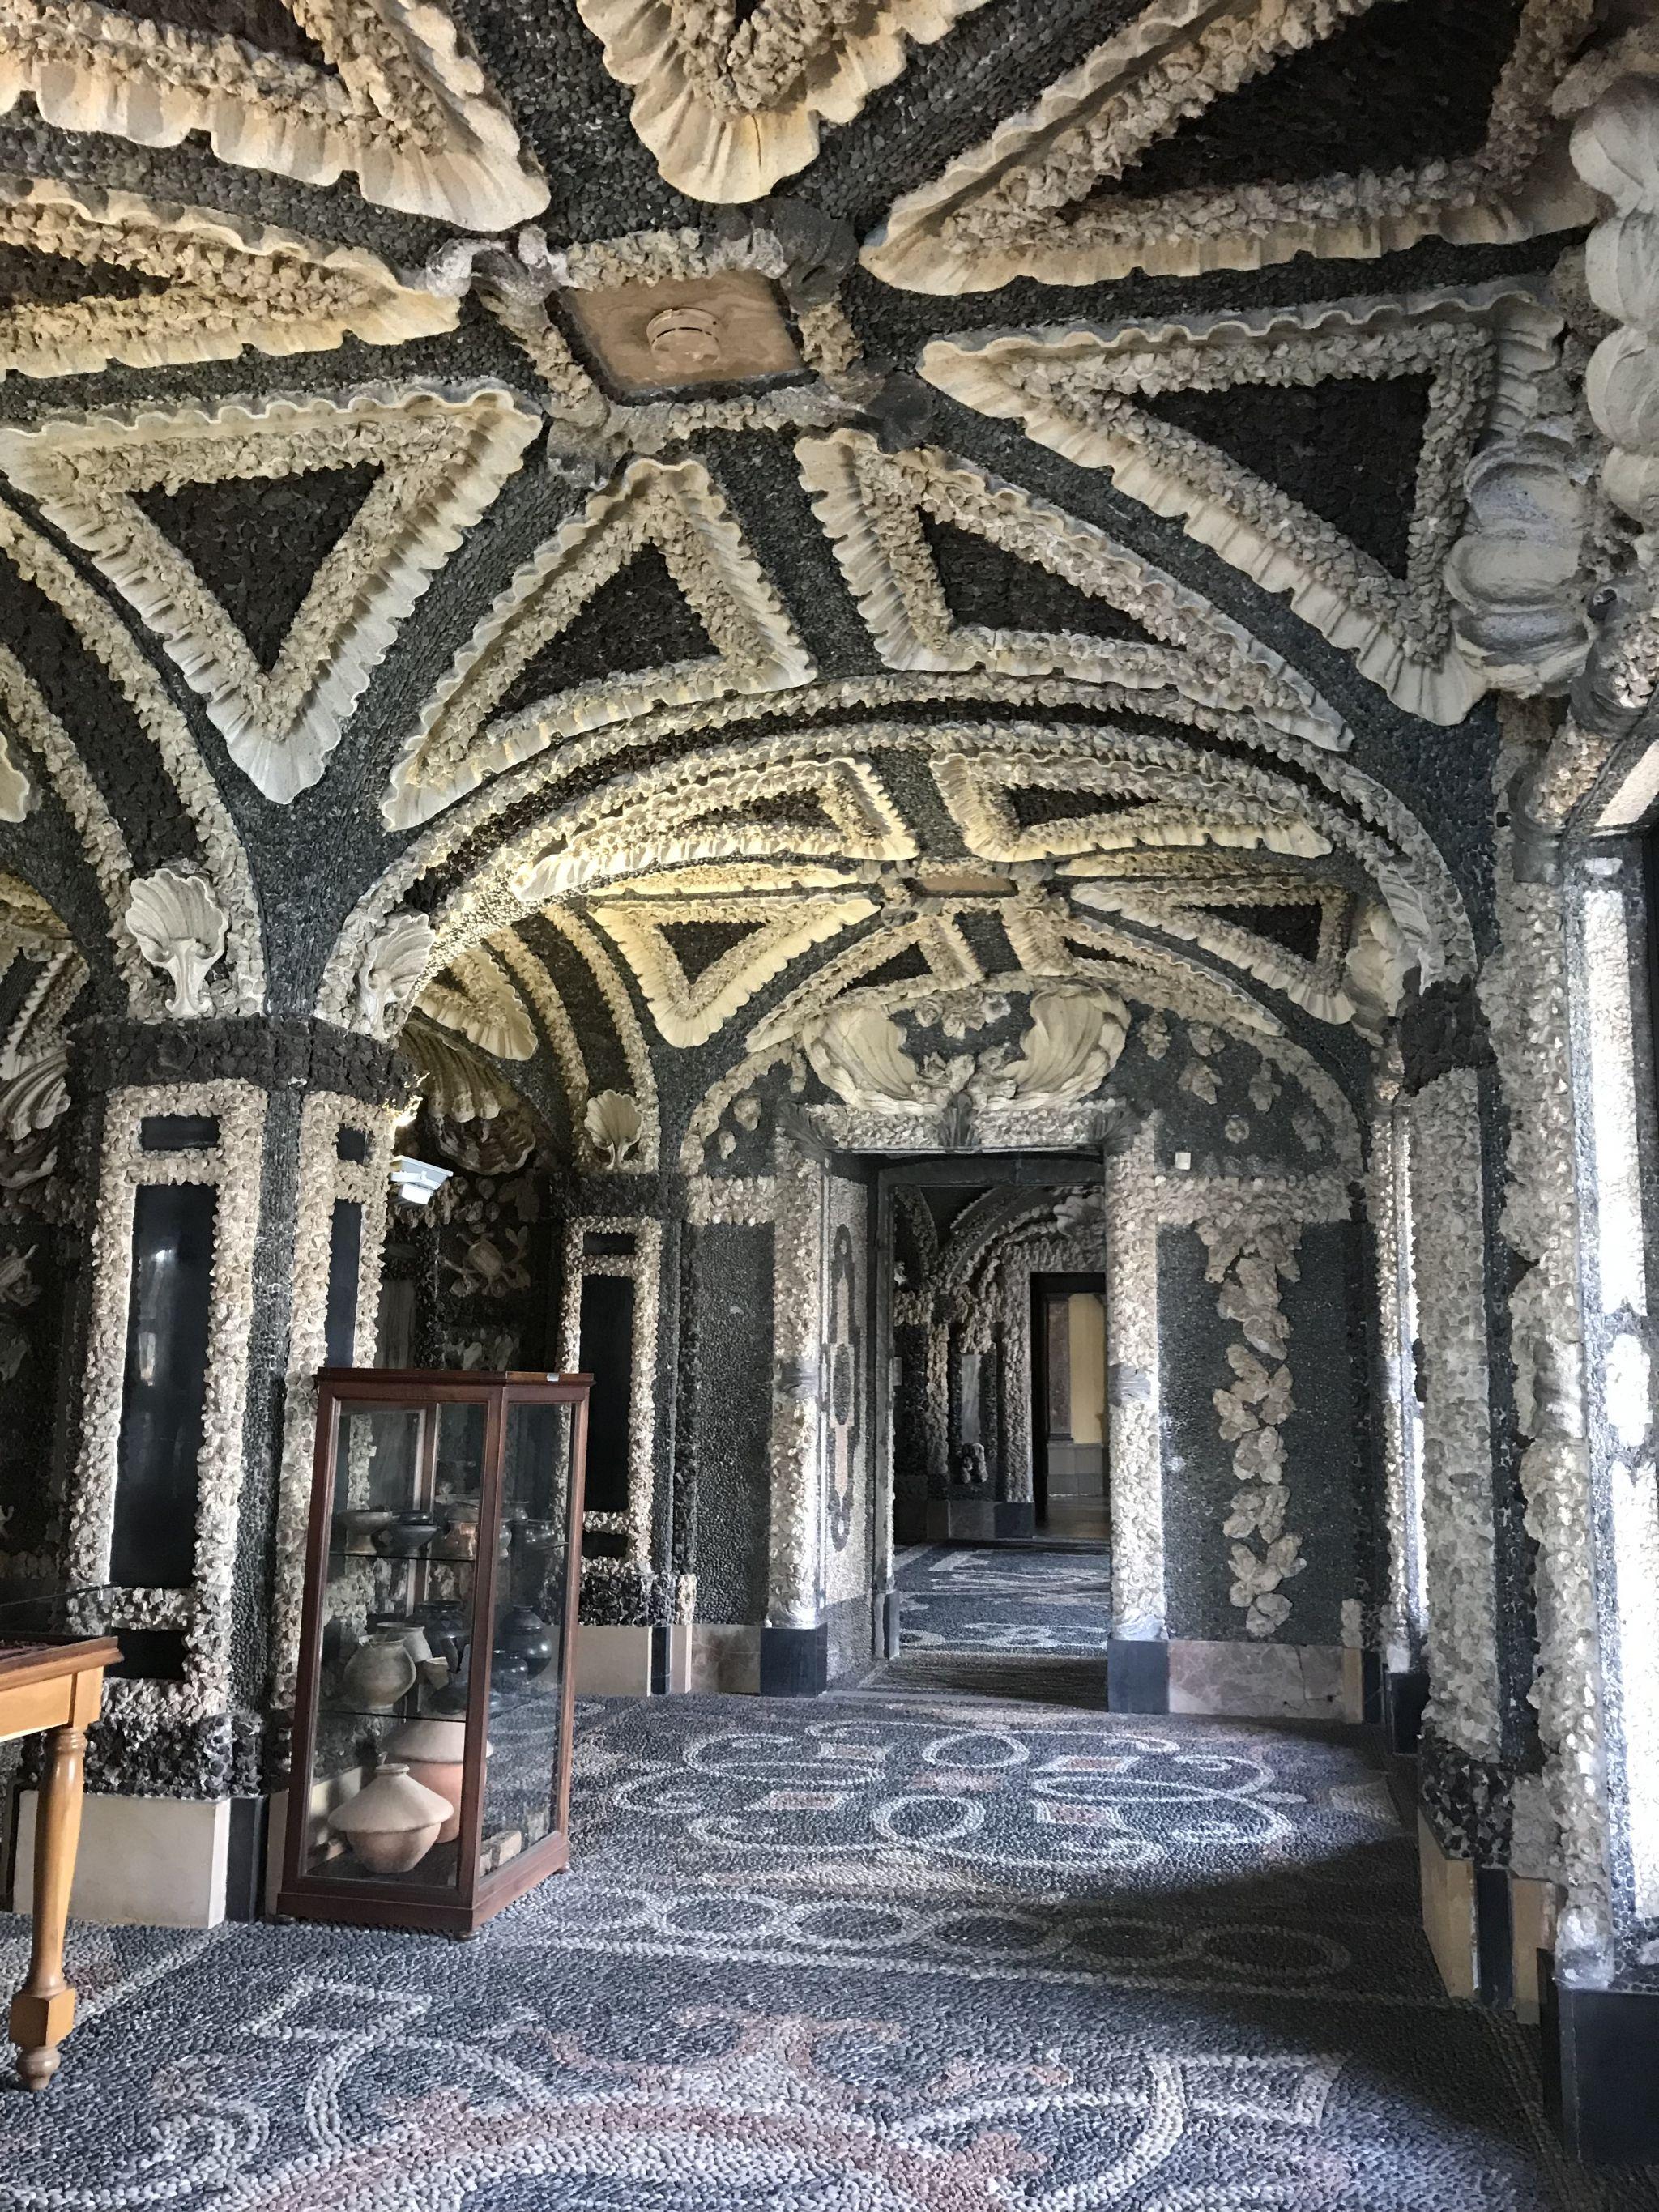 Shell Grotto at Palazzo Borromee